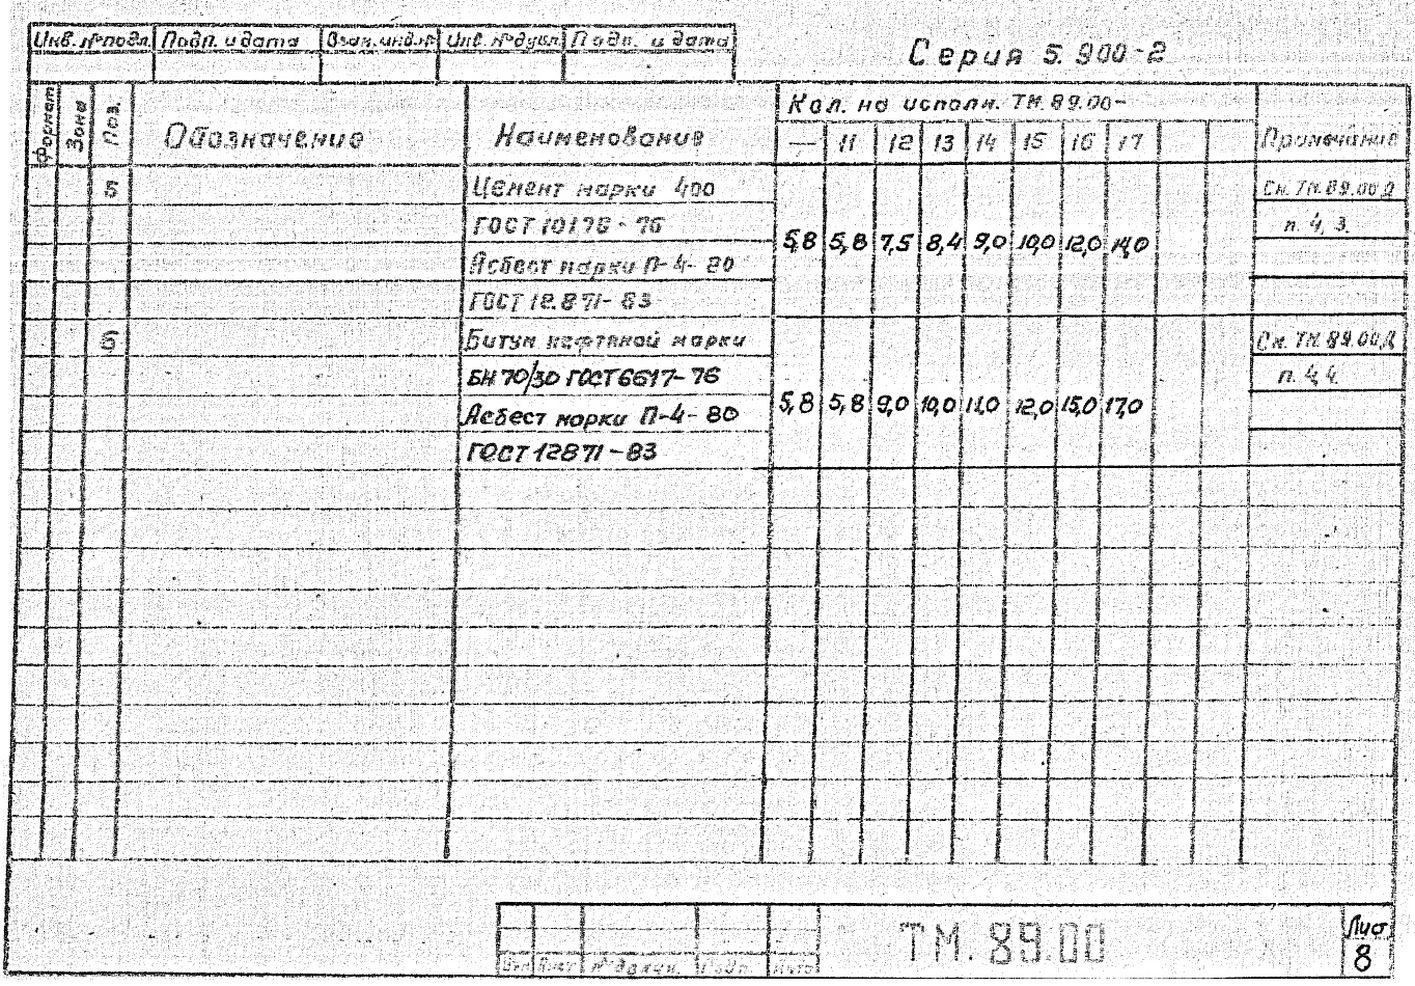 Сальники набивные ТМ.89.00 серия 5.900-2 стр.9